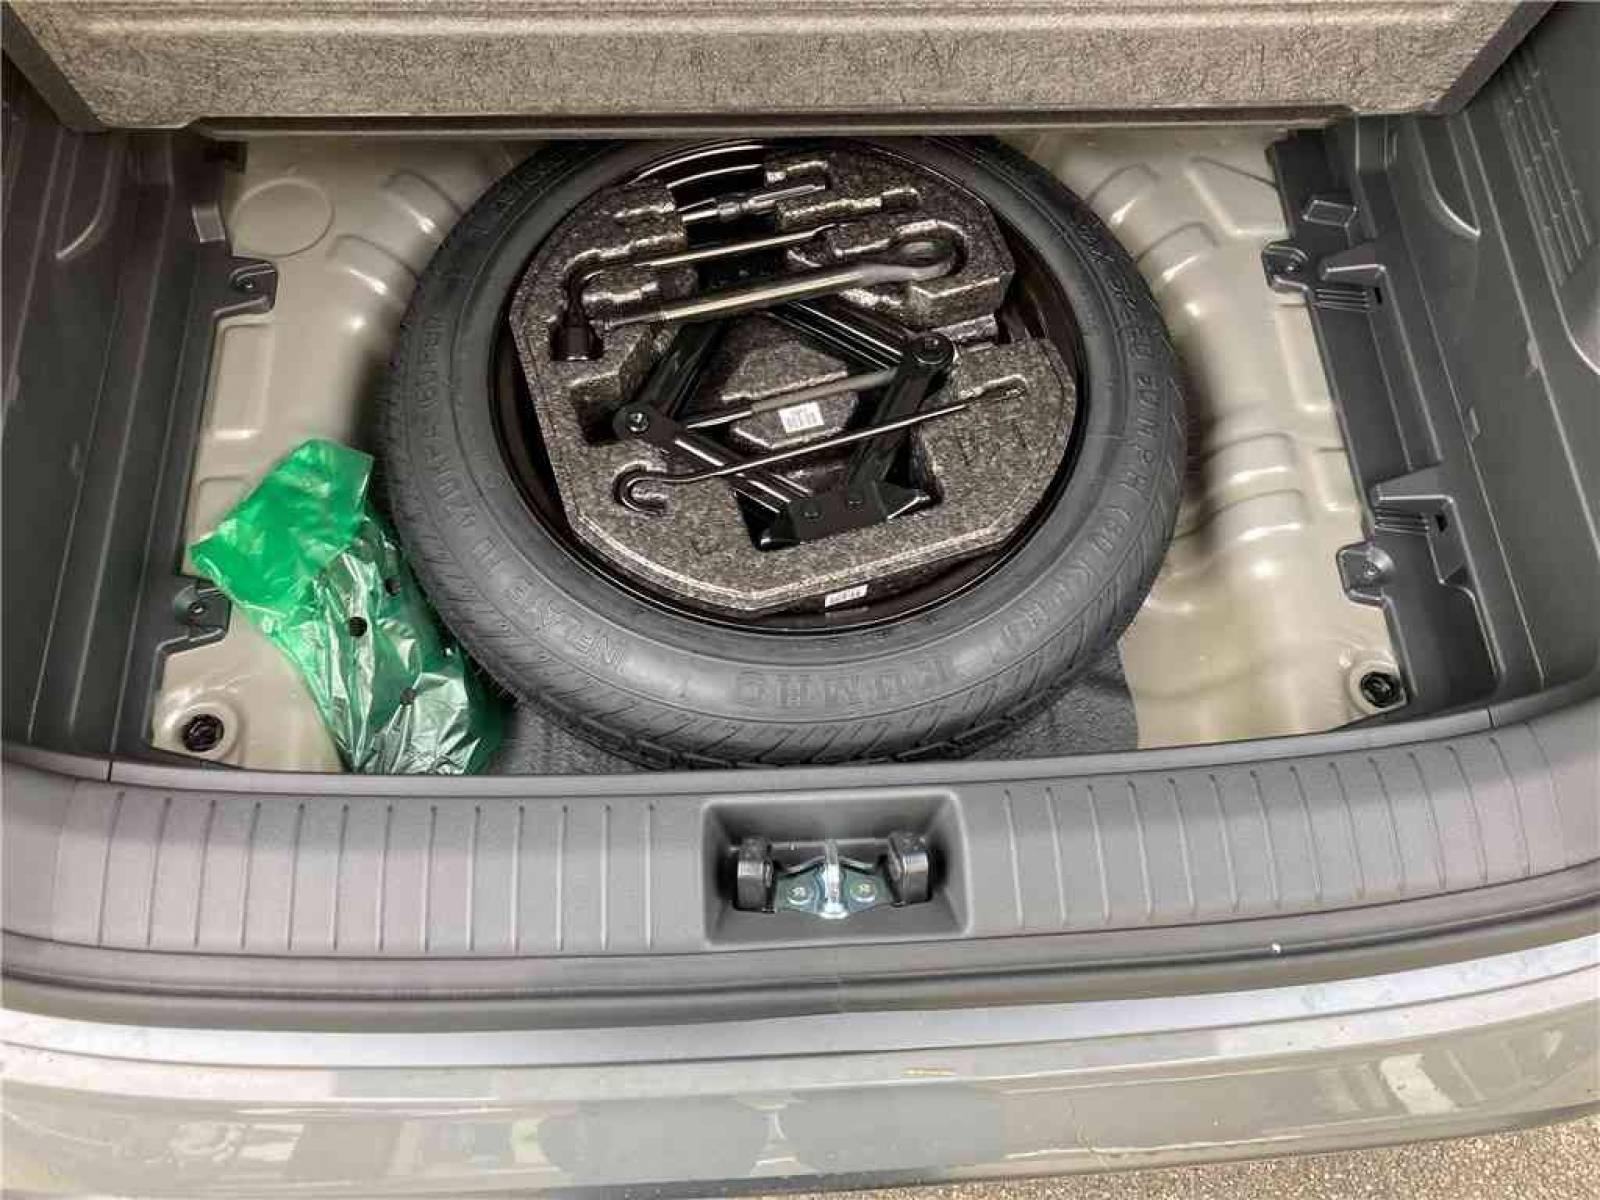 HYUNDAI Kona 1.0 T-GDi 120 - véhicule d'occasion - Groupe Guillet - Hyundai - Zenith Motors – Montceau-les-Mines - 71300 - Montceau-les-Mines - 4